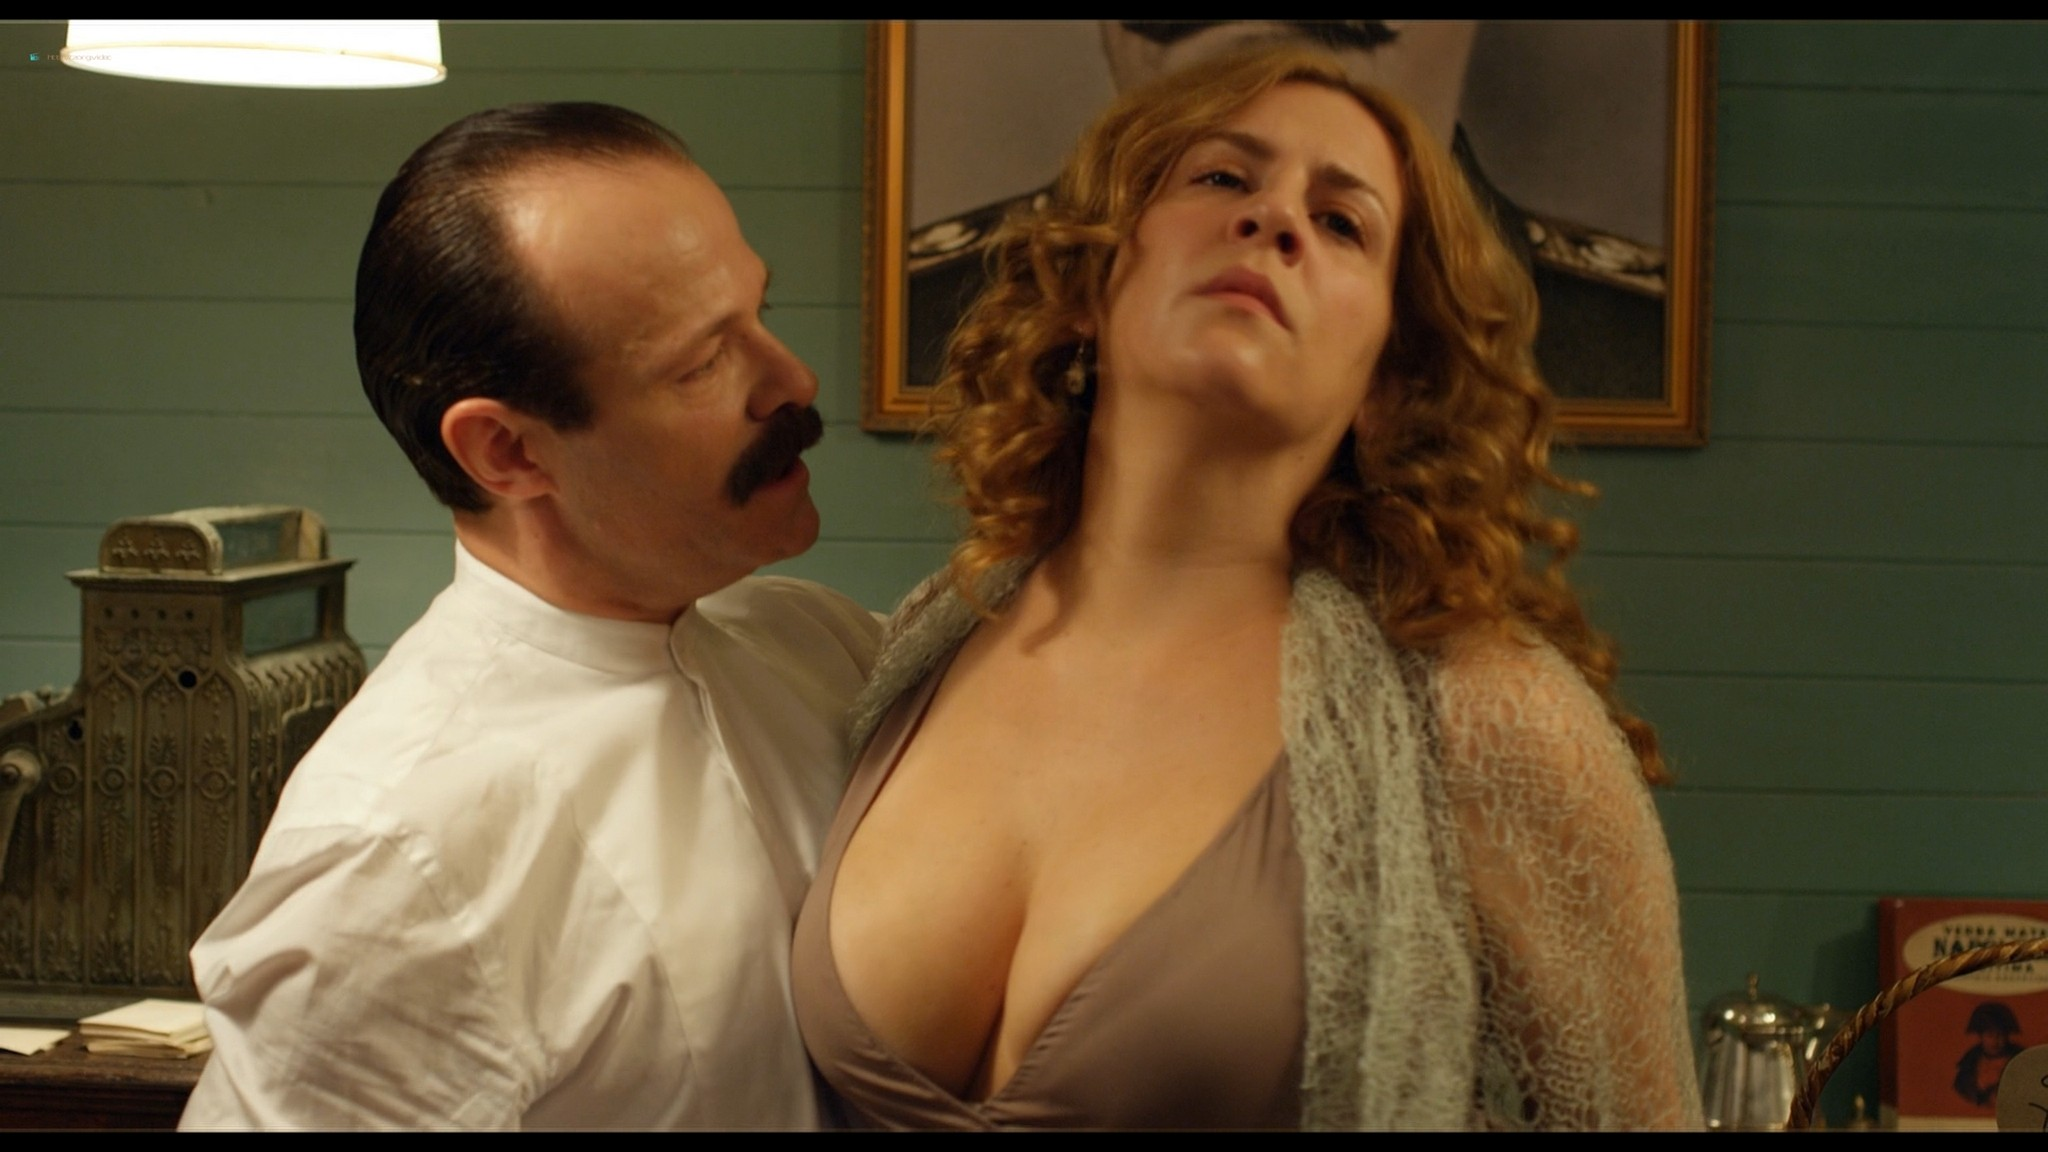 Pamela Flores nude full frontal - La danza de la realidad (2013) HD 1080p BluRay REMUX (16)